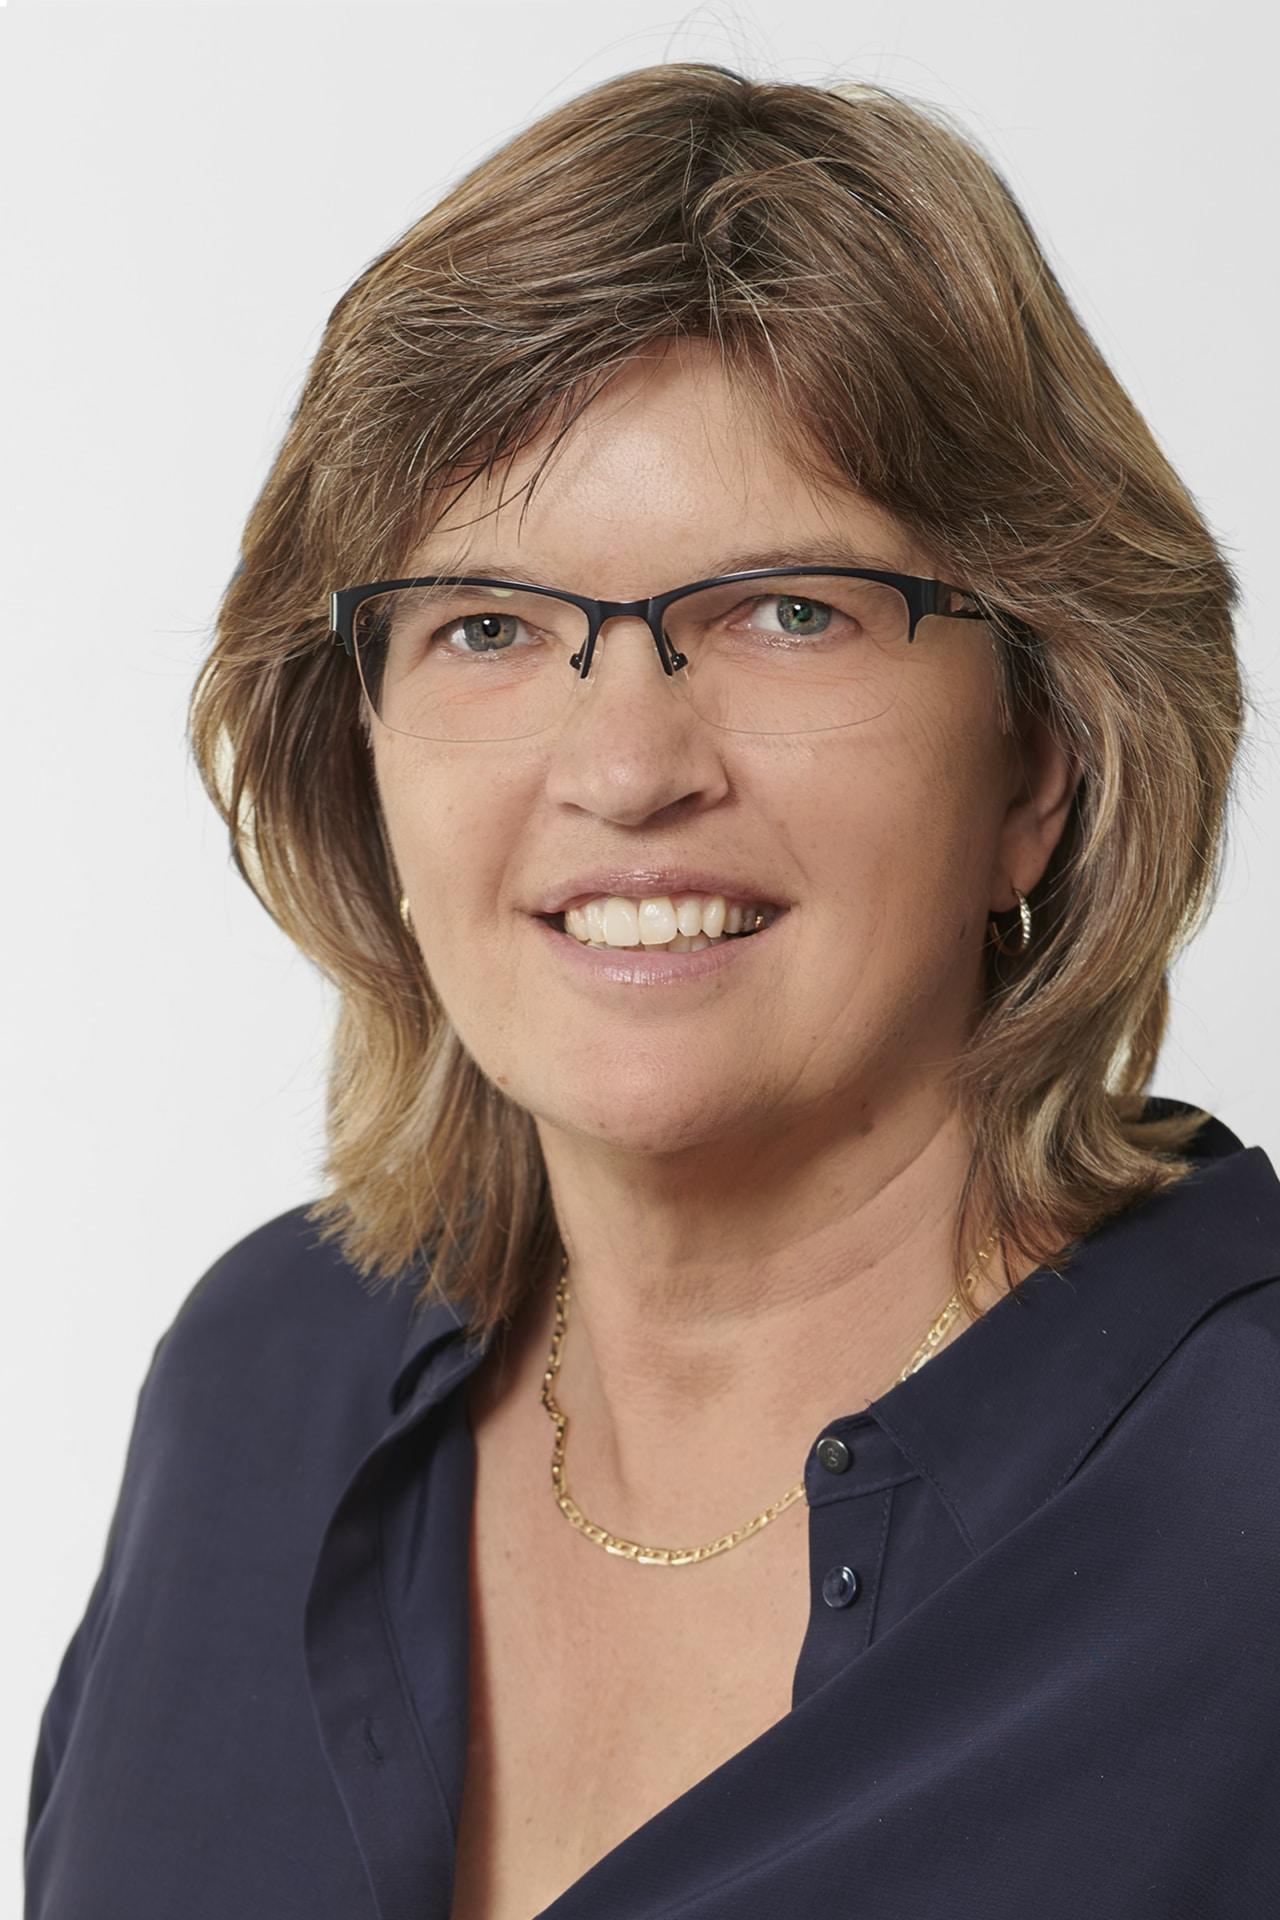 Niemann Ruth scaled